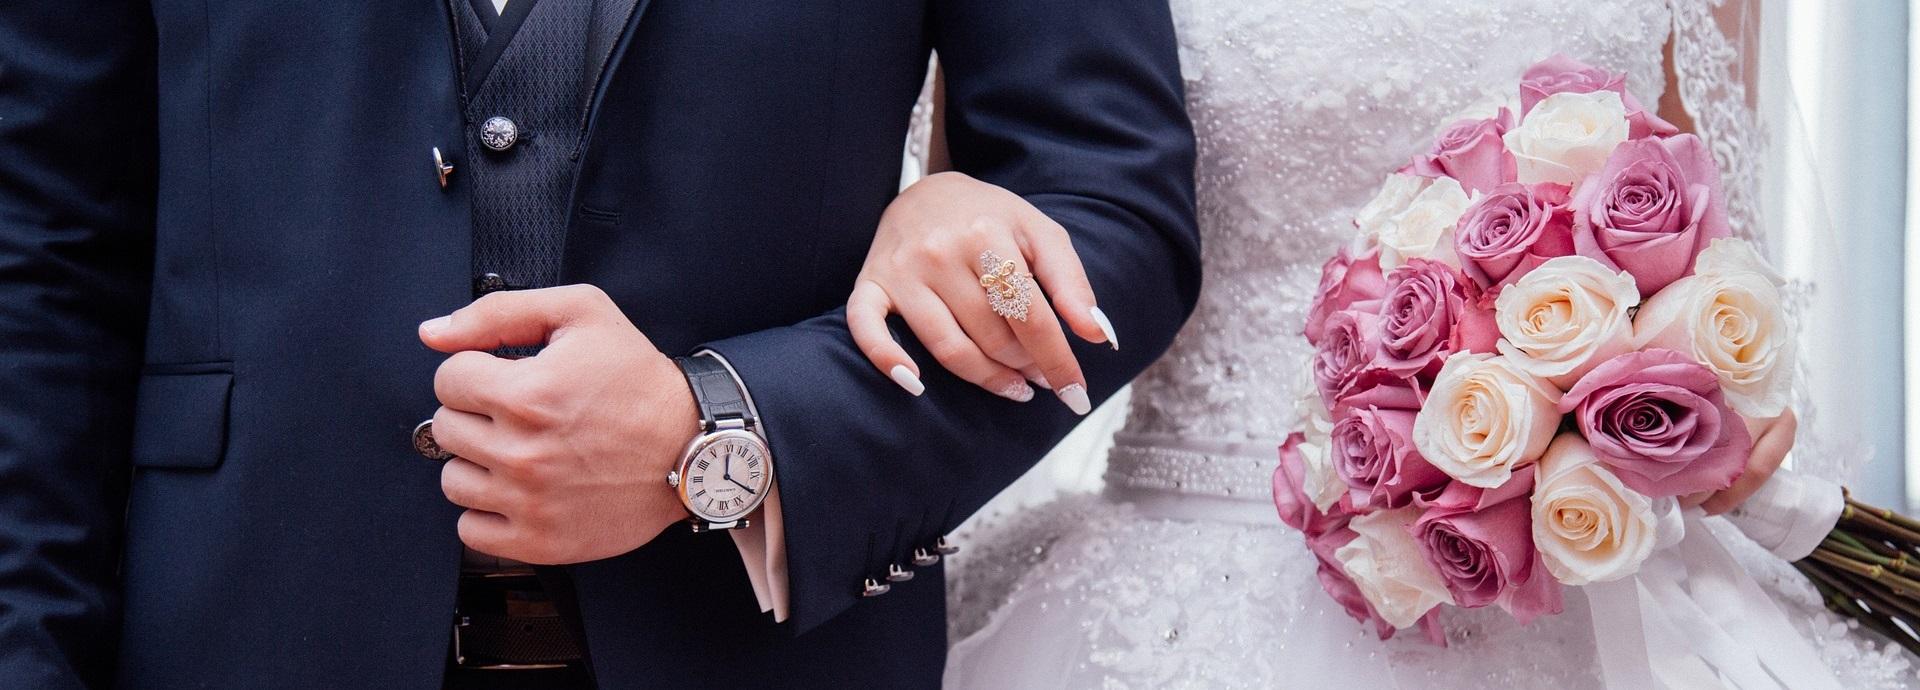 Texte pour anniversaire de mariage 3 ans